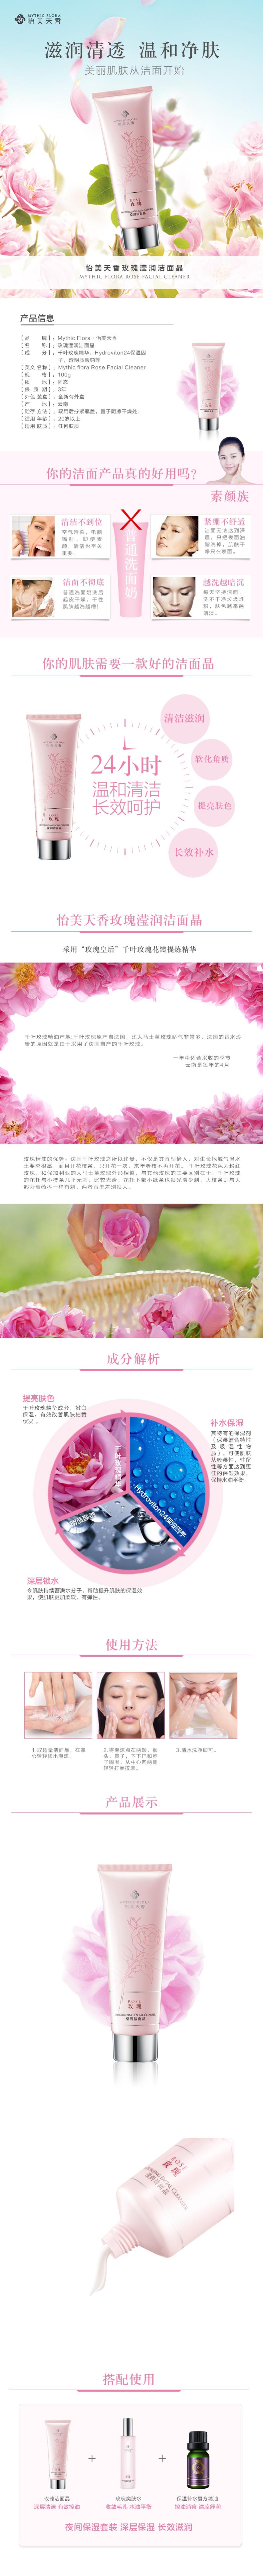 怡美天香玫瑰滢润洁面晶100g.png